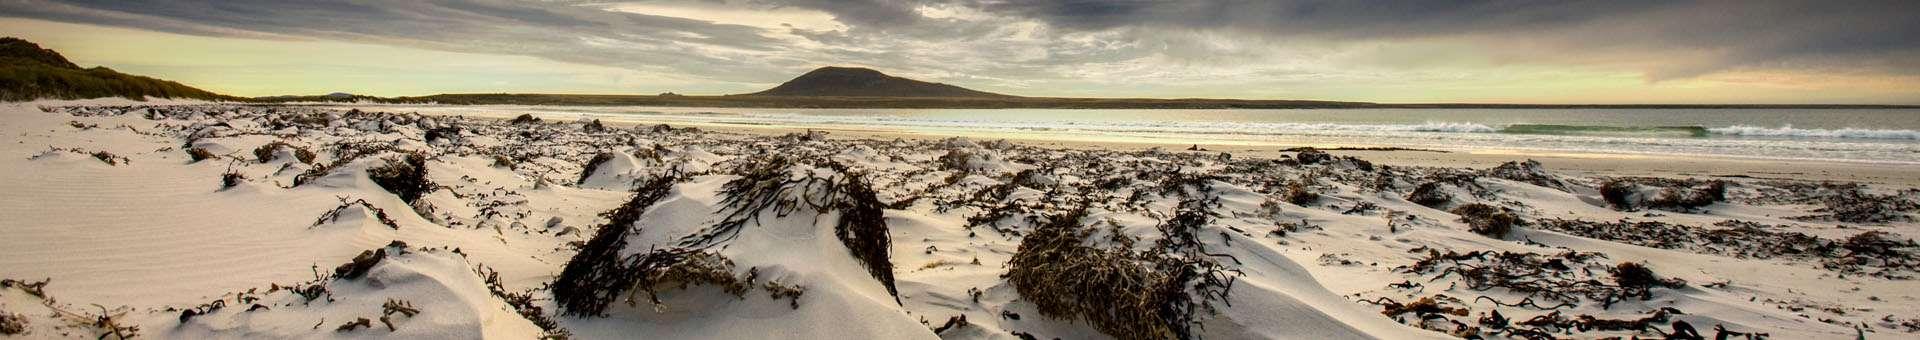 Búsqueda de información Whois de nombres de dominios en Islas Malvinas